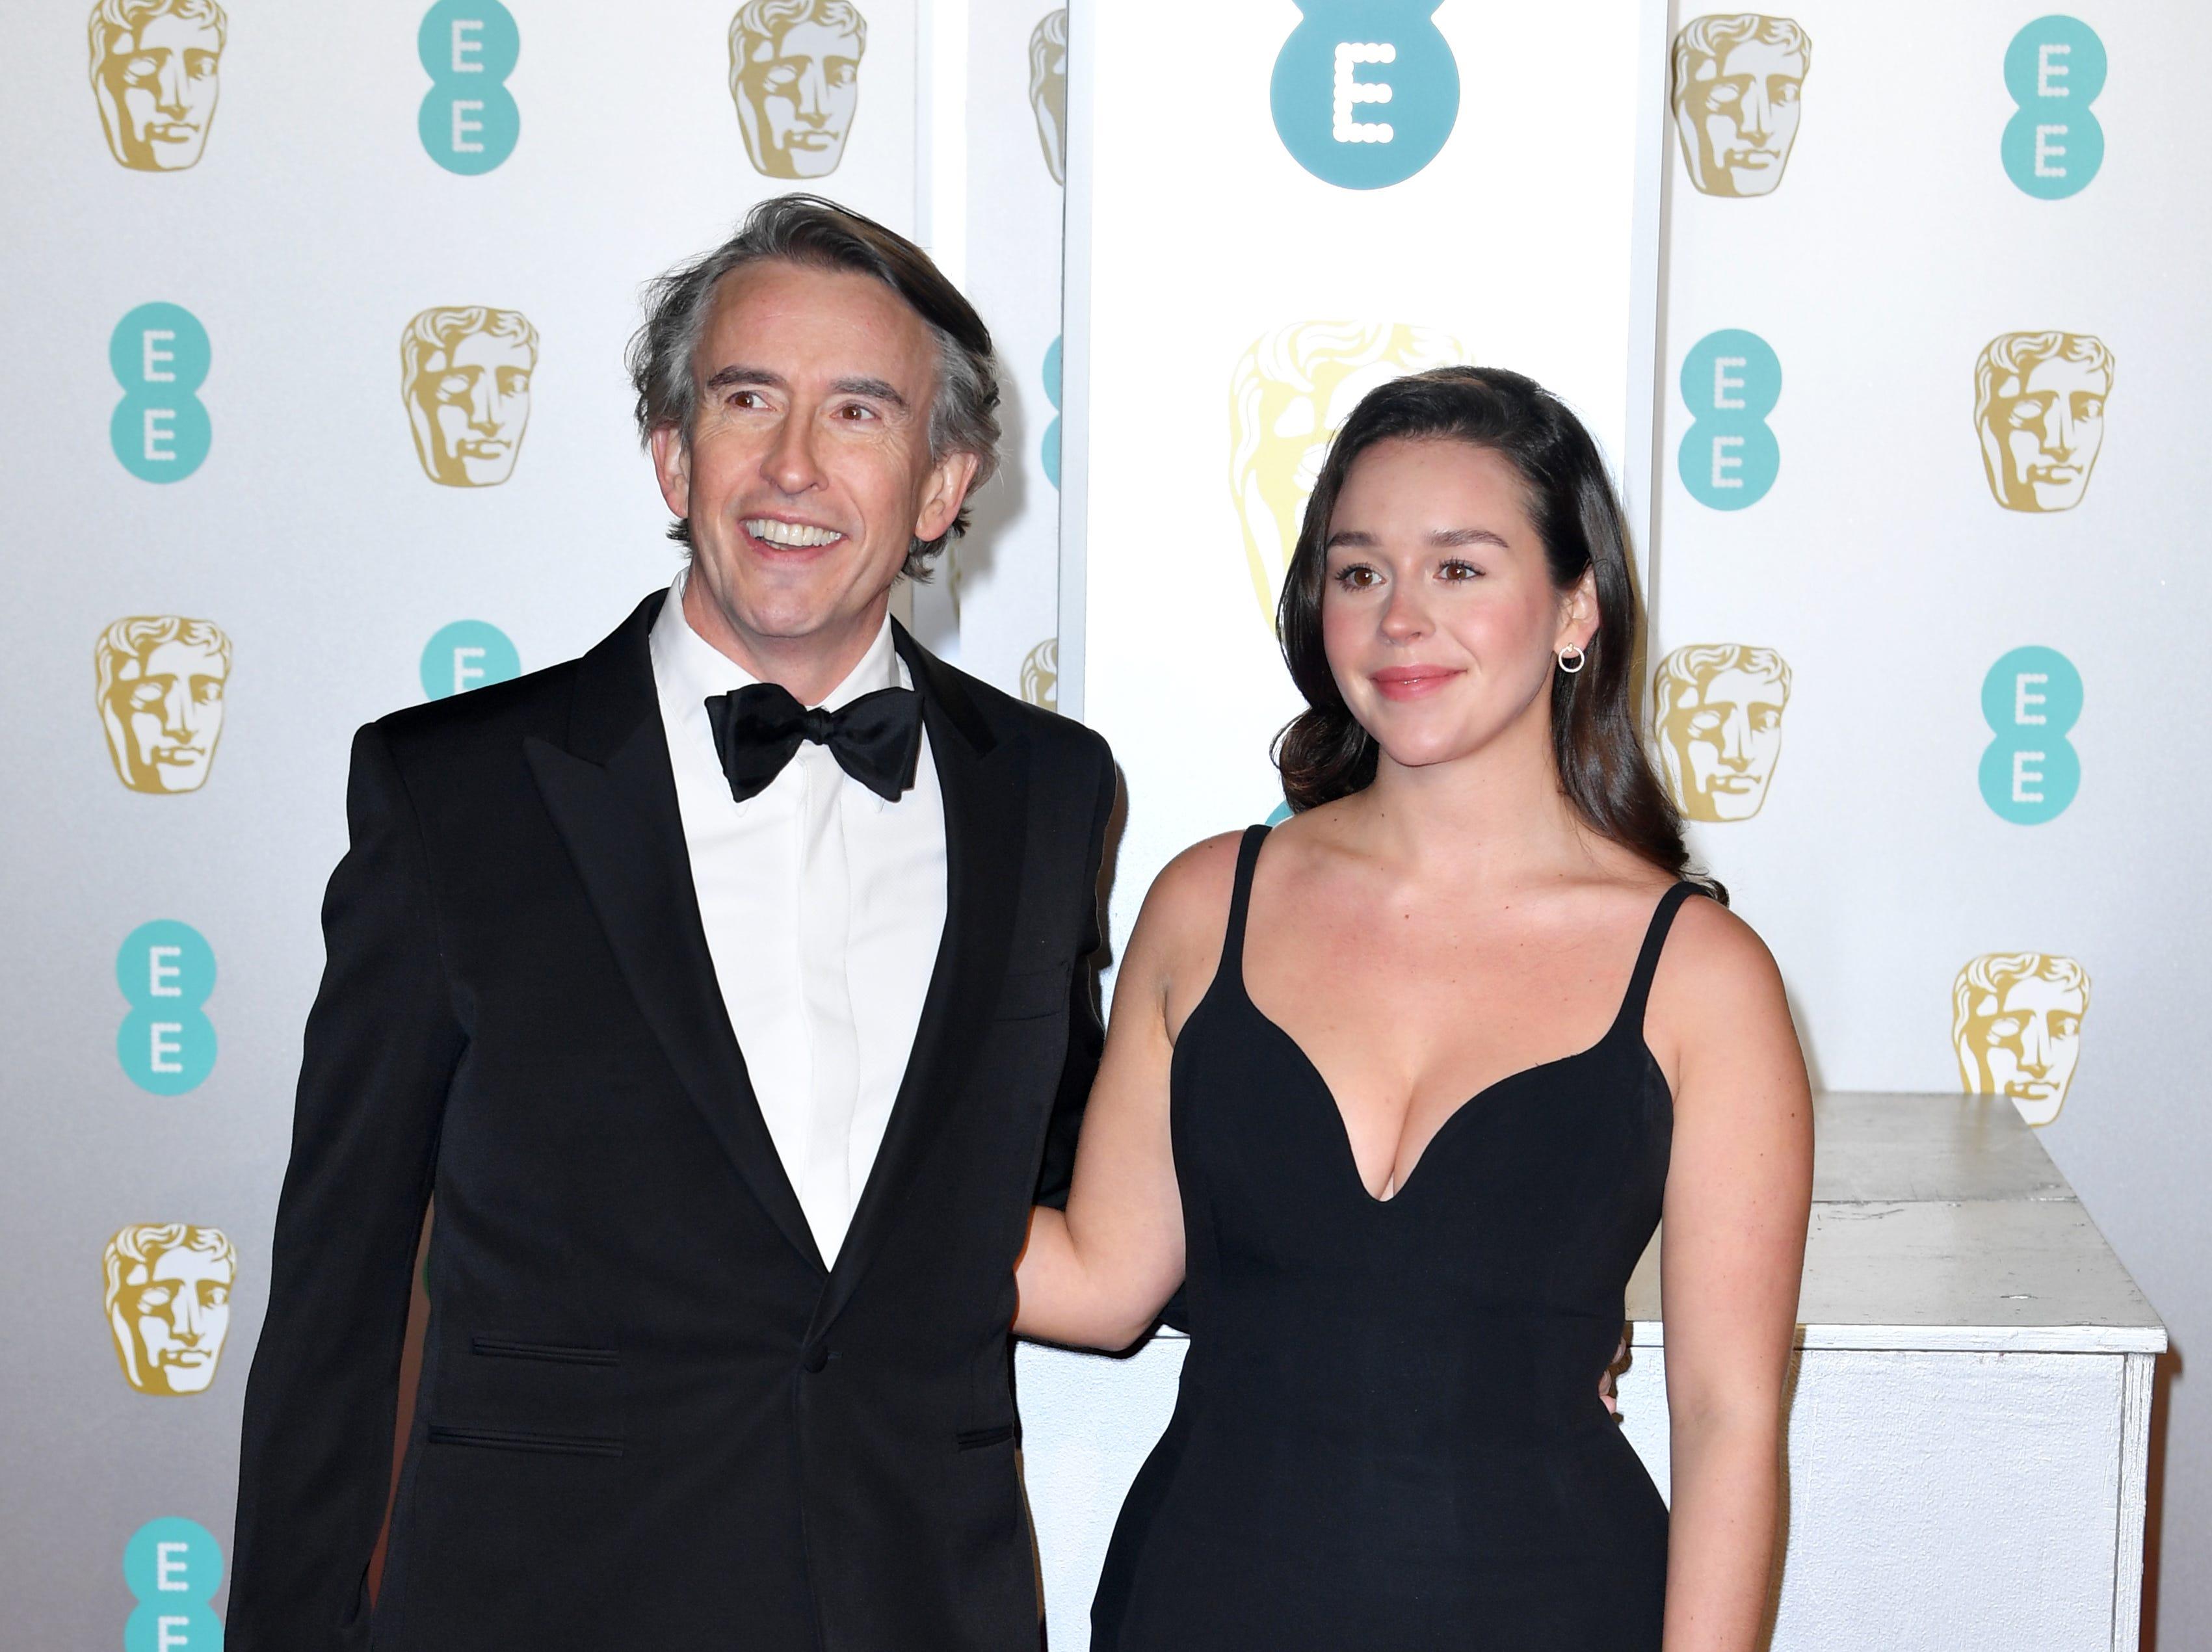 Steve Coogan (izq) a su llegada a la alfombra roja de los Premios de la Academia Británica de Cine BAFTA en el Royal Albert Hall en Londres el 10 de febrero de 2019.